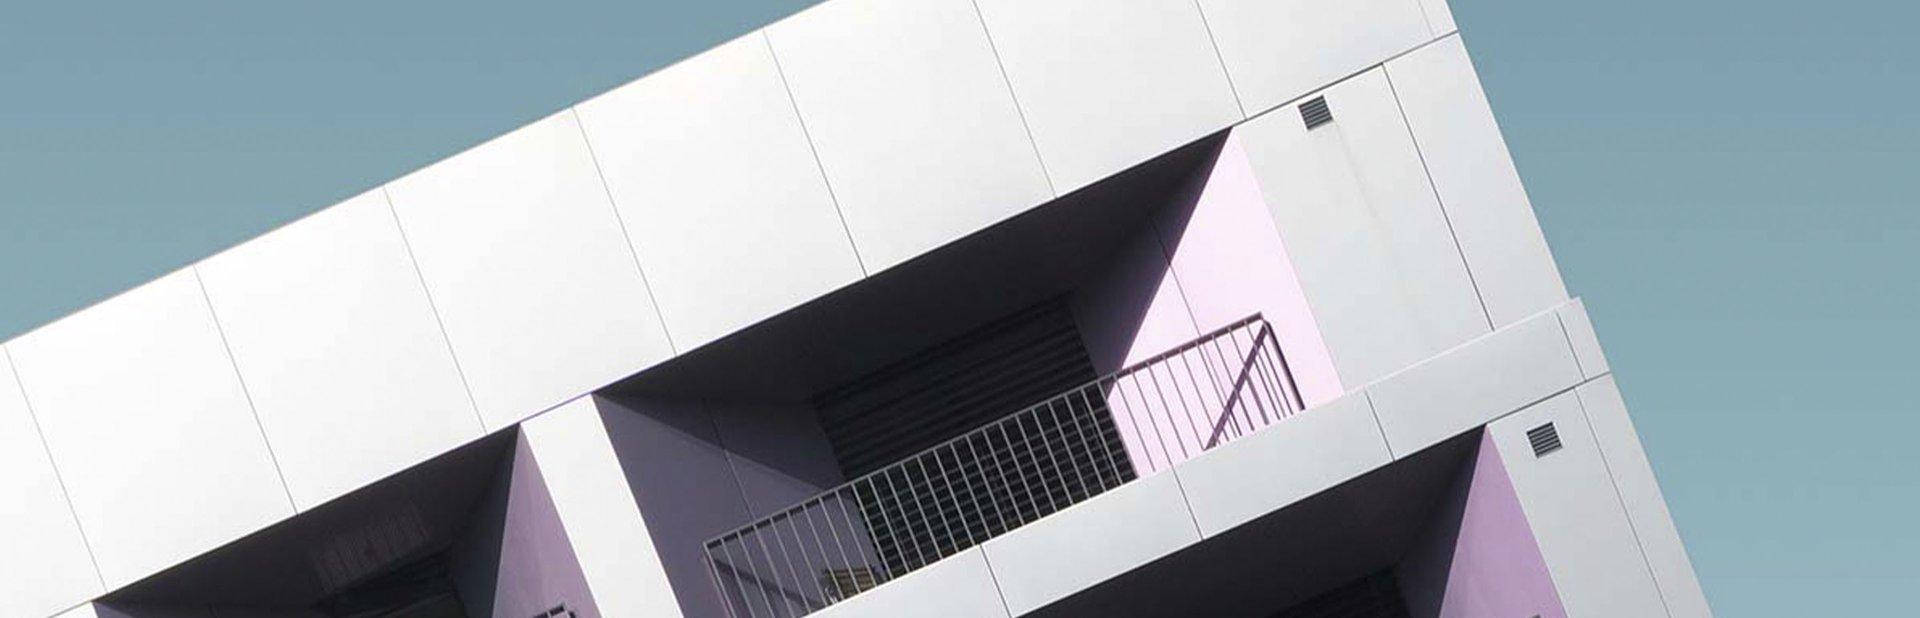 master arquitectura habilitante valencia